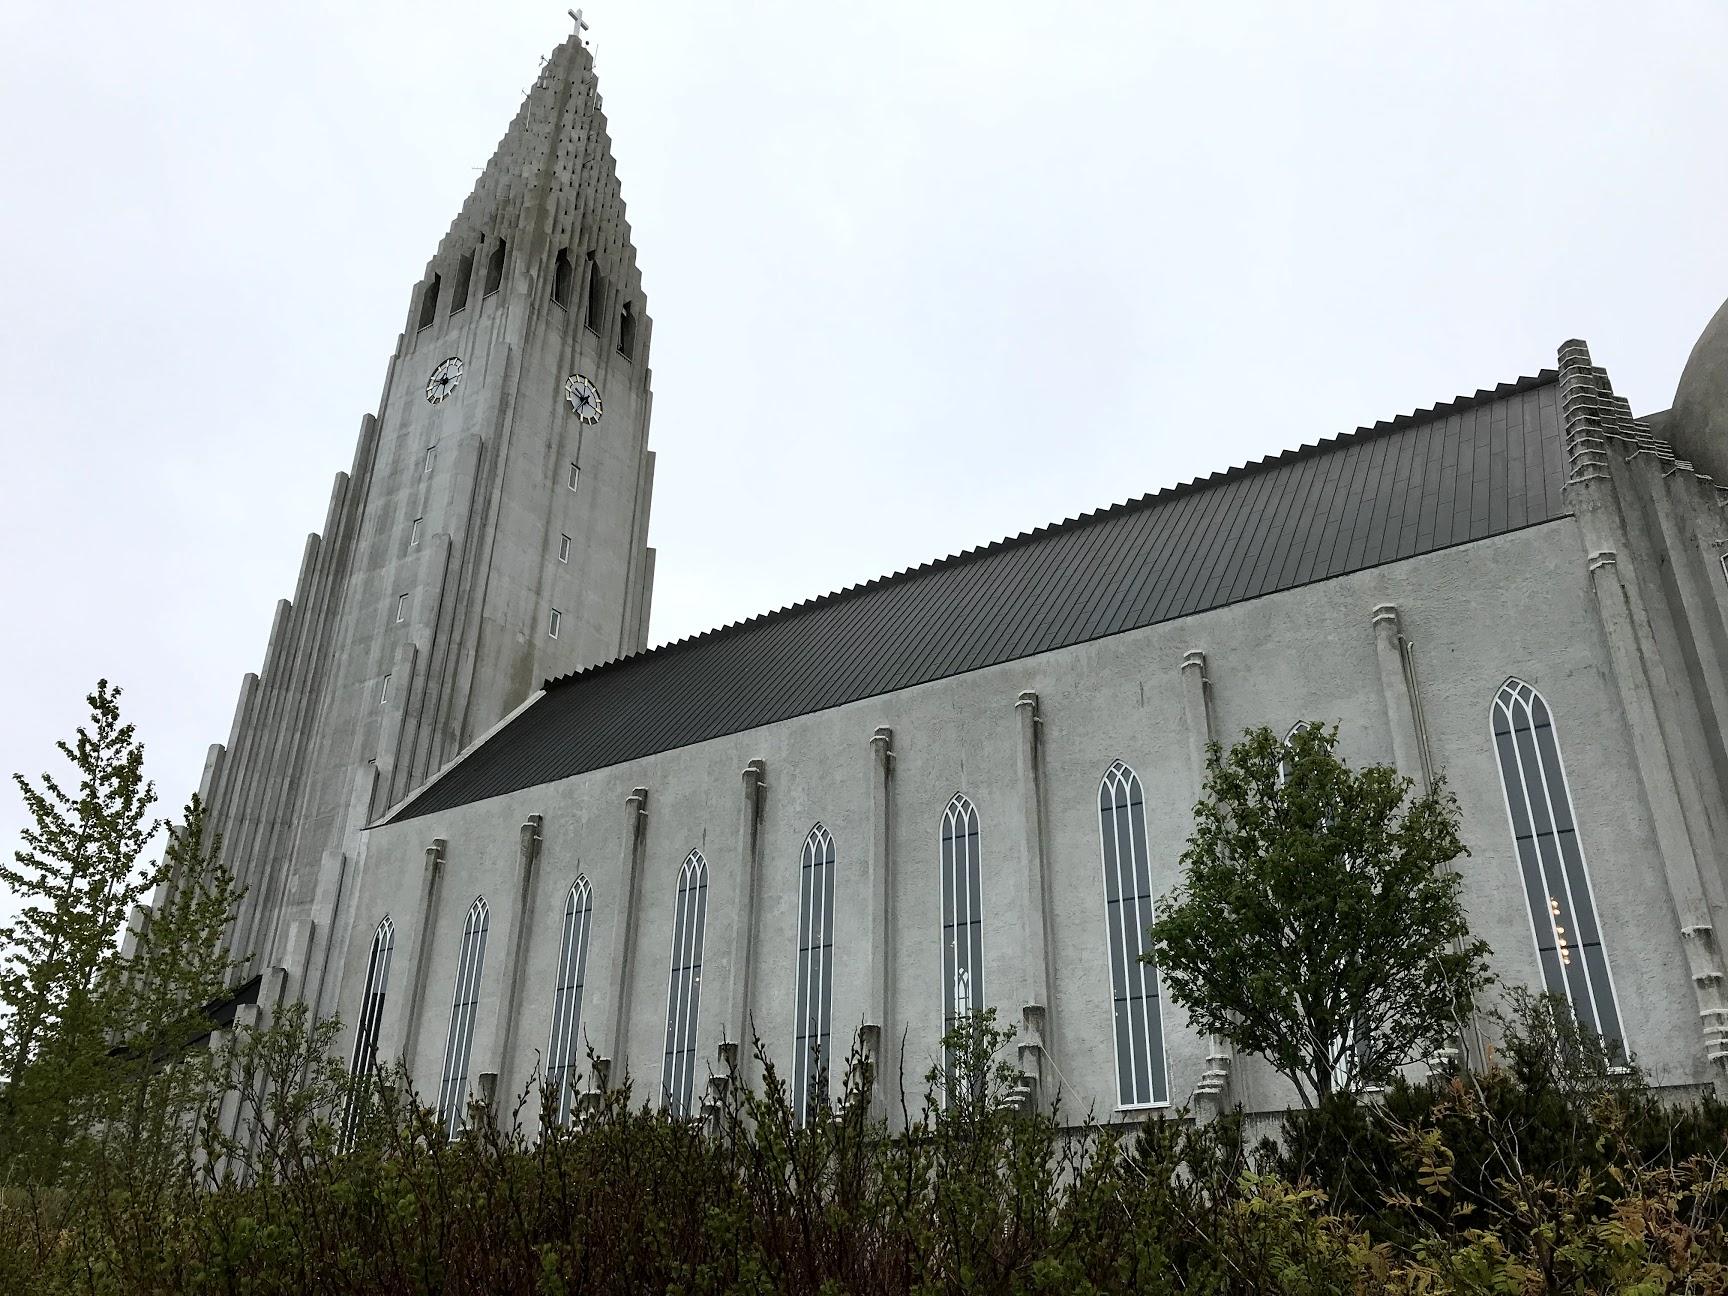 A photo of Hallgrímskirkja, the large Lutheran church that dominates the Reykjavik skyline.  Photo by Kevin Kearns '20